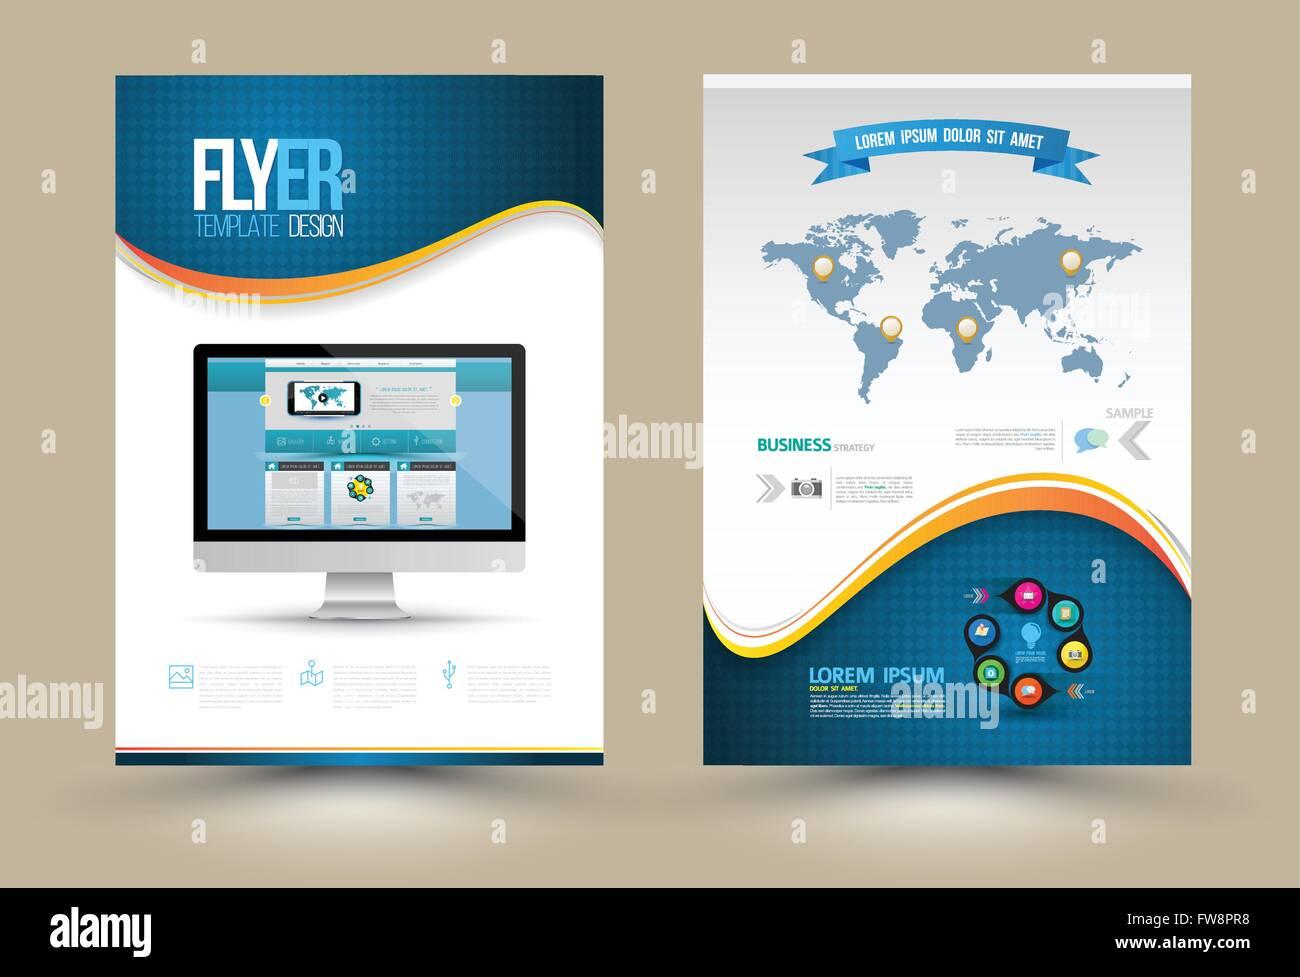 Vektor-Plakat-Vorlagen mit Website auf Computer. Vorlage für ...